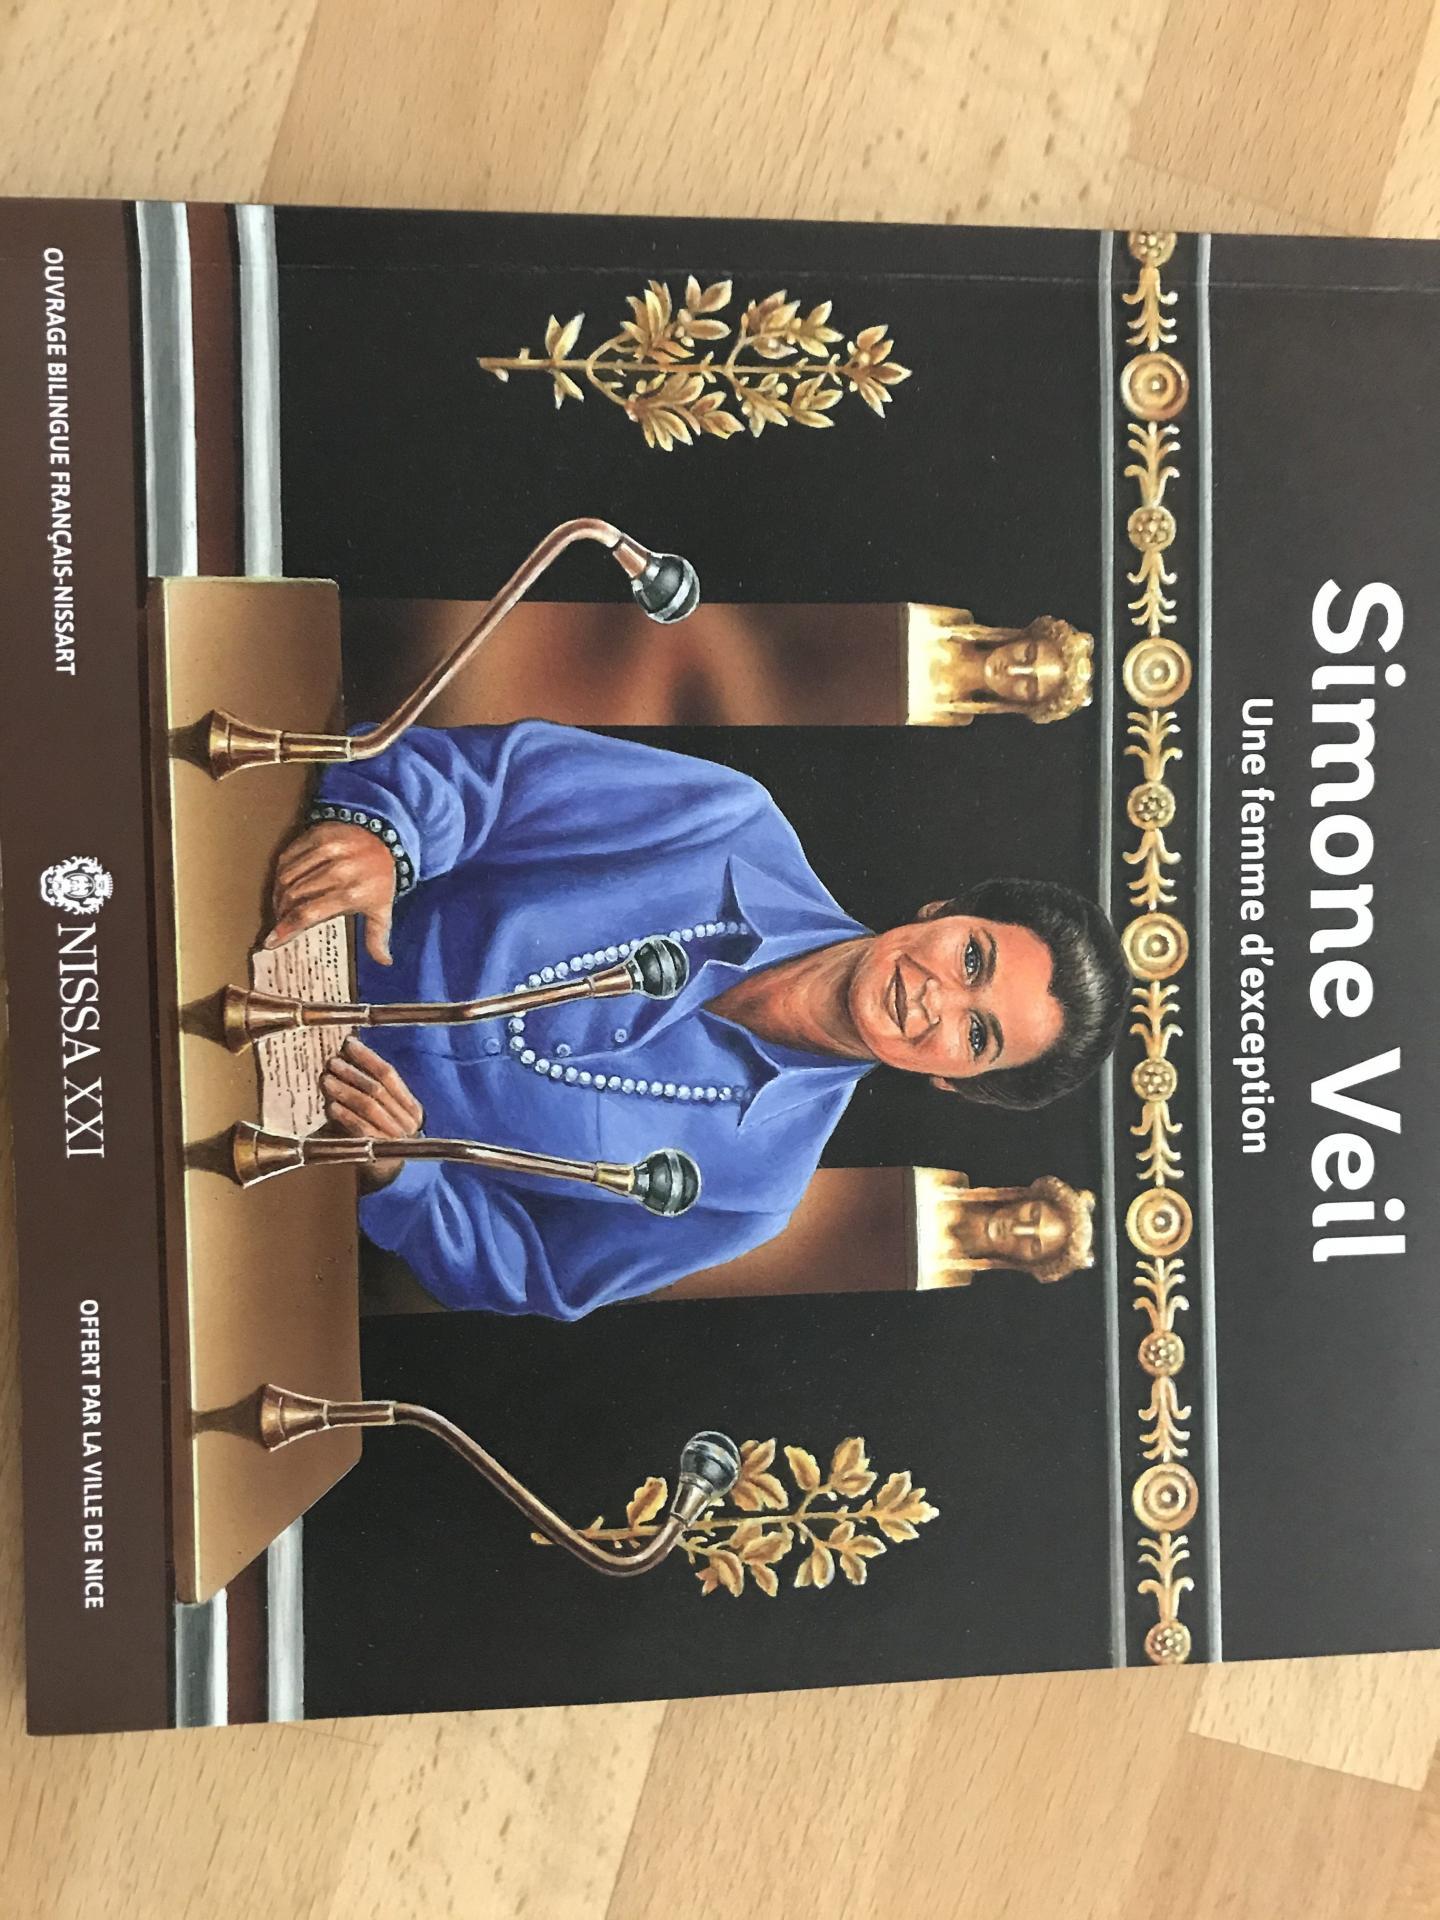 Ecrit en français et nissart, édité à 5 000 exemplaires par la Ville, cet ouvrage sur Simone Veil sera distribué aux écoliers de CM2.